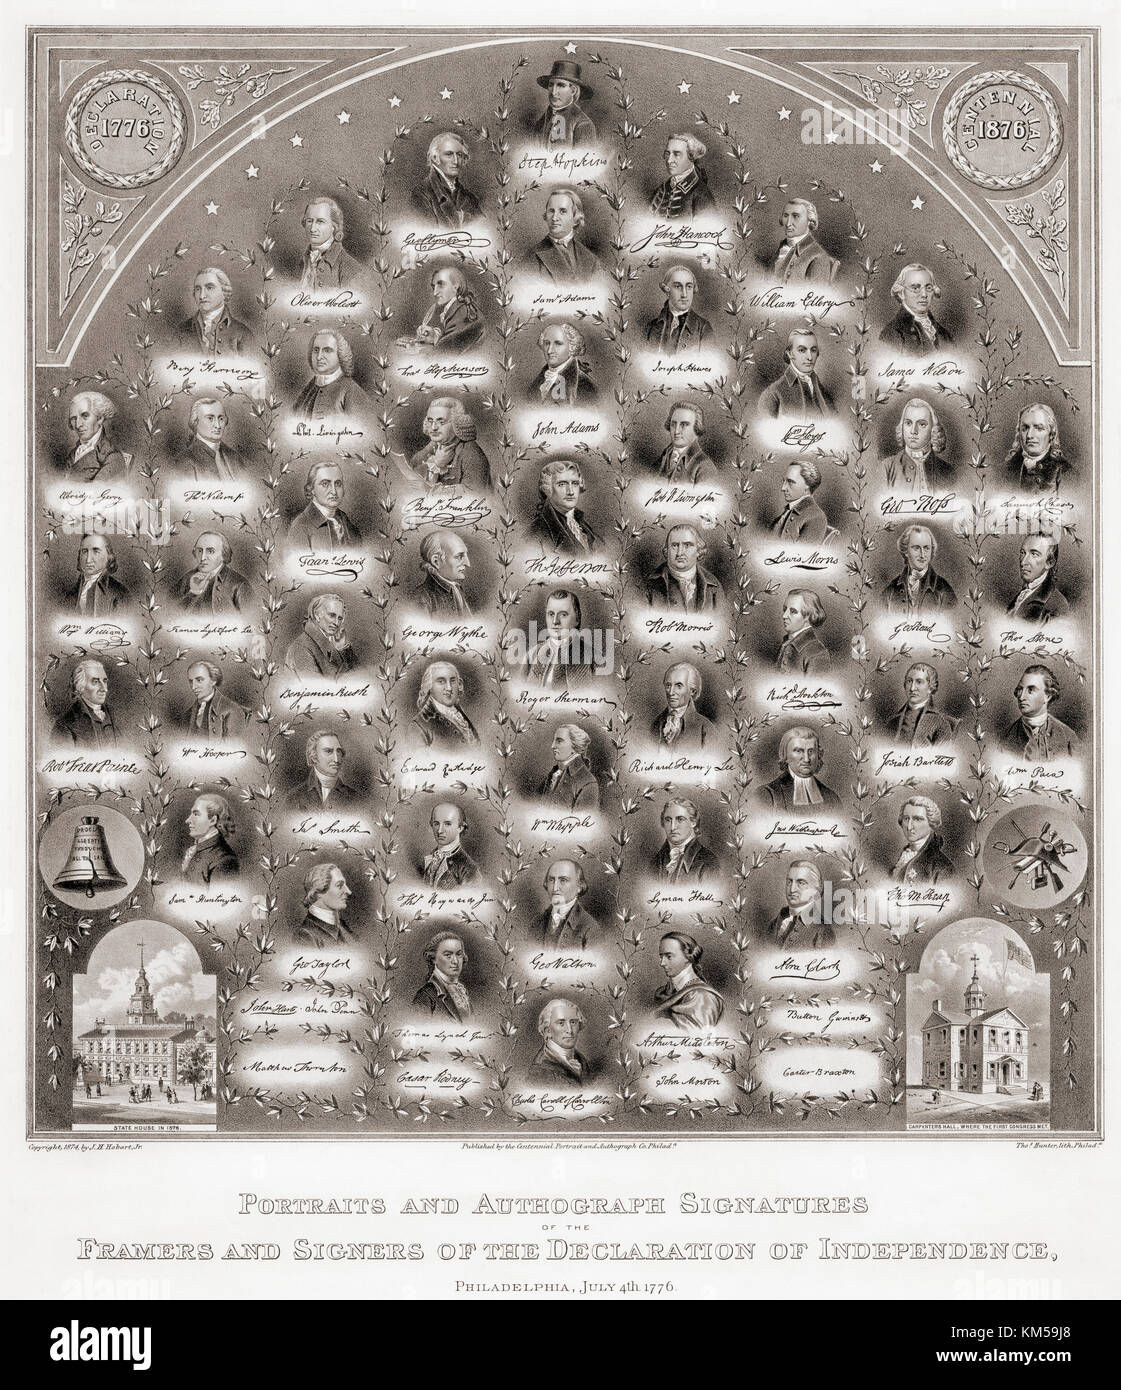 Porträts und Autogramm Unterschriften der Verfasser und Unterzeichner der Amerikanischen Unabhängigkeitserklärung Stockbild